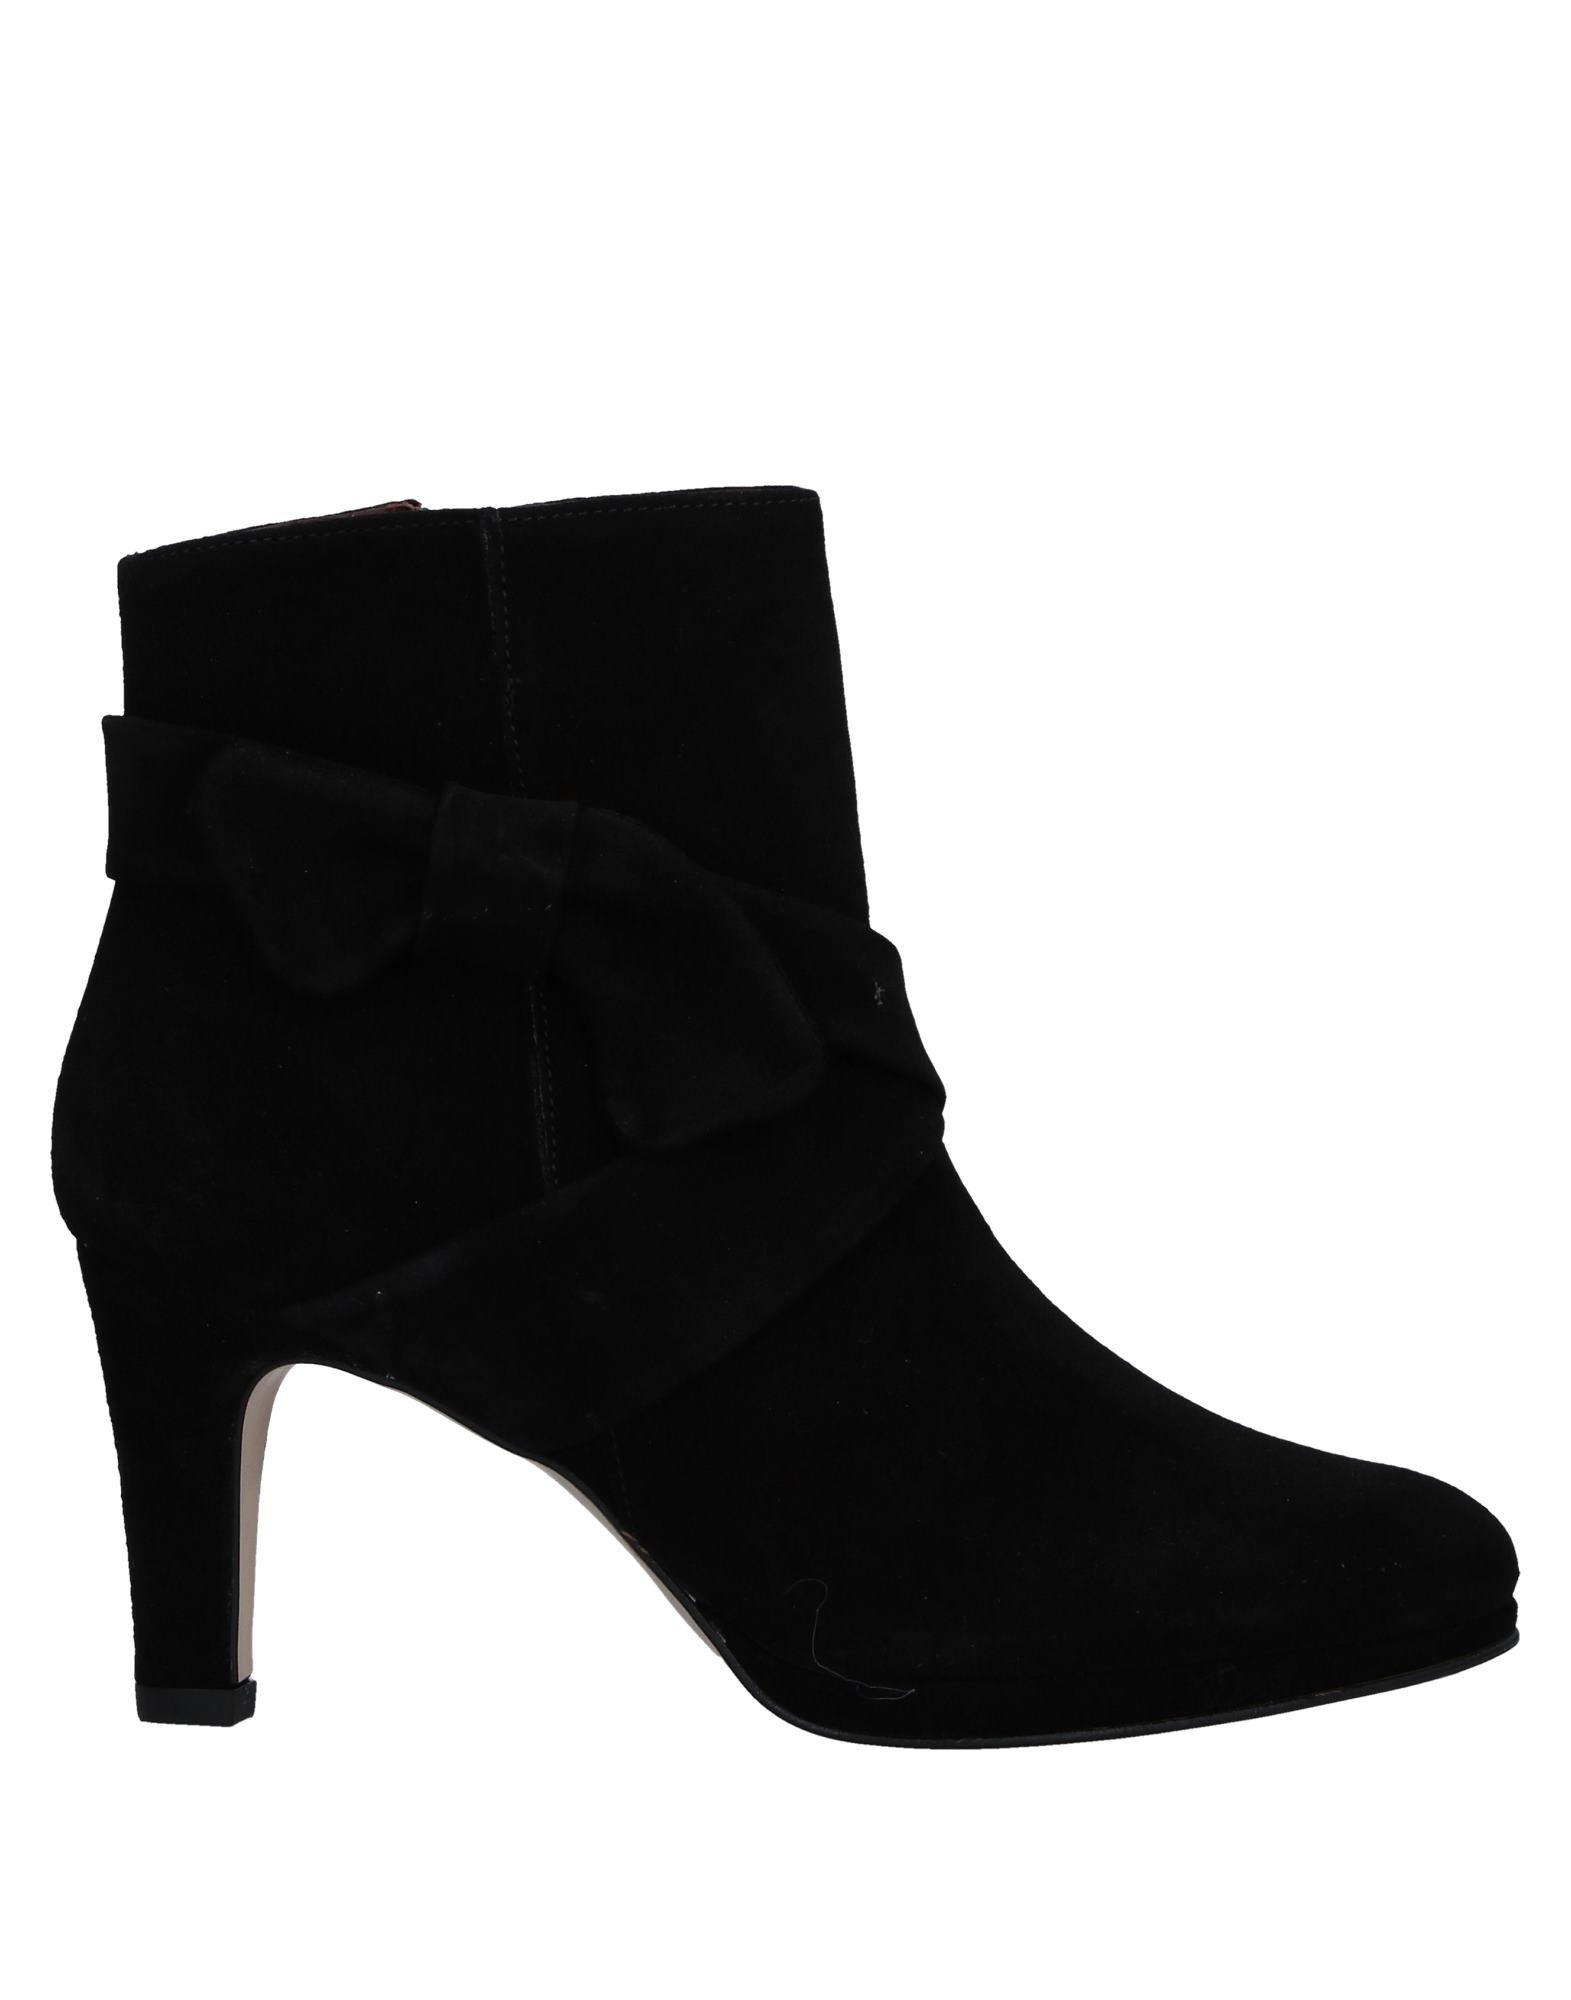 Gianni Gregori® Stiefelette Damen  11520162CP Gute Qualität beliebte Schuhe